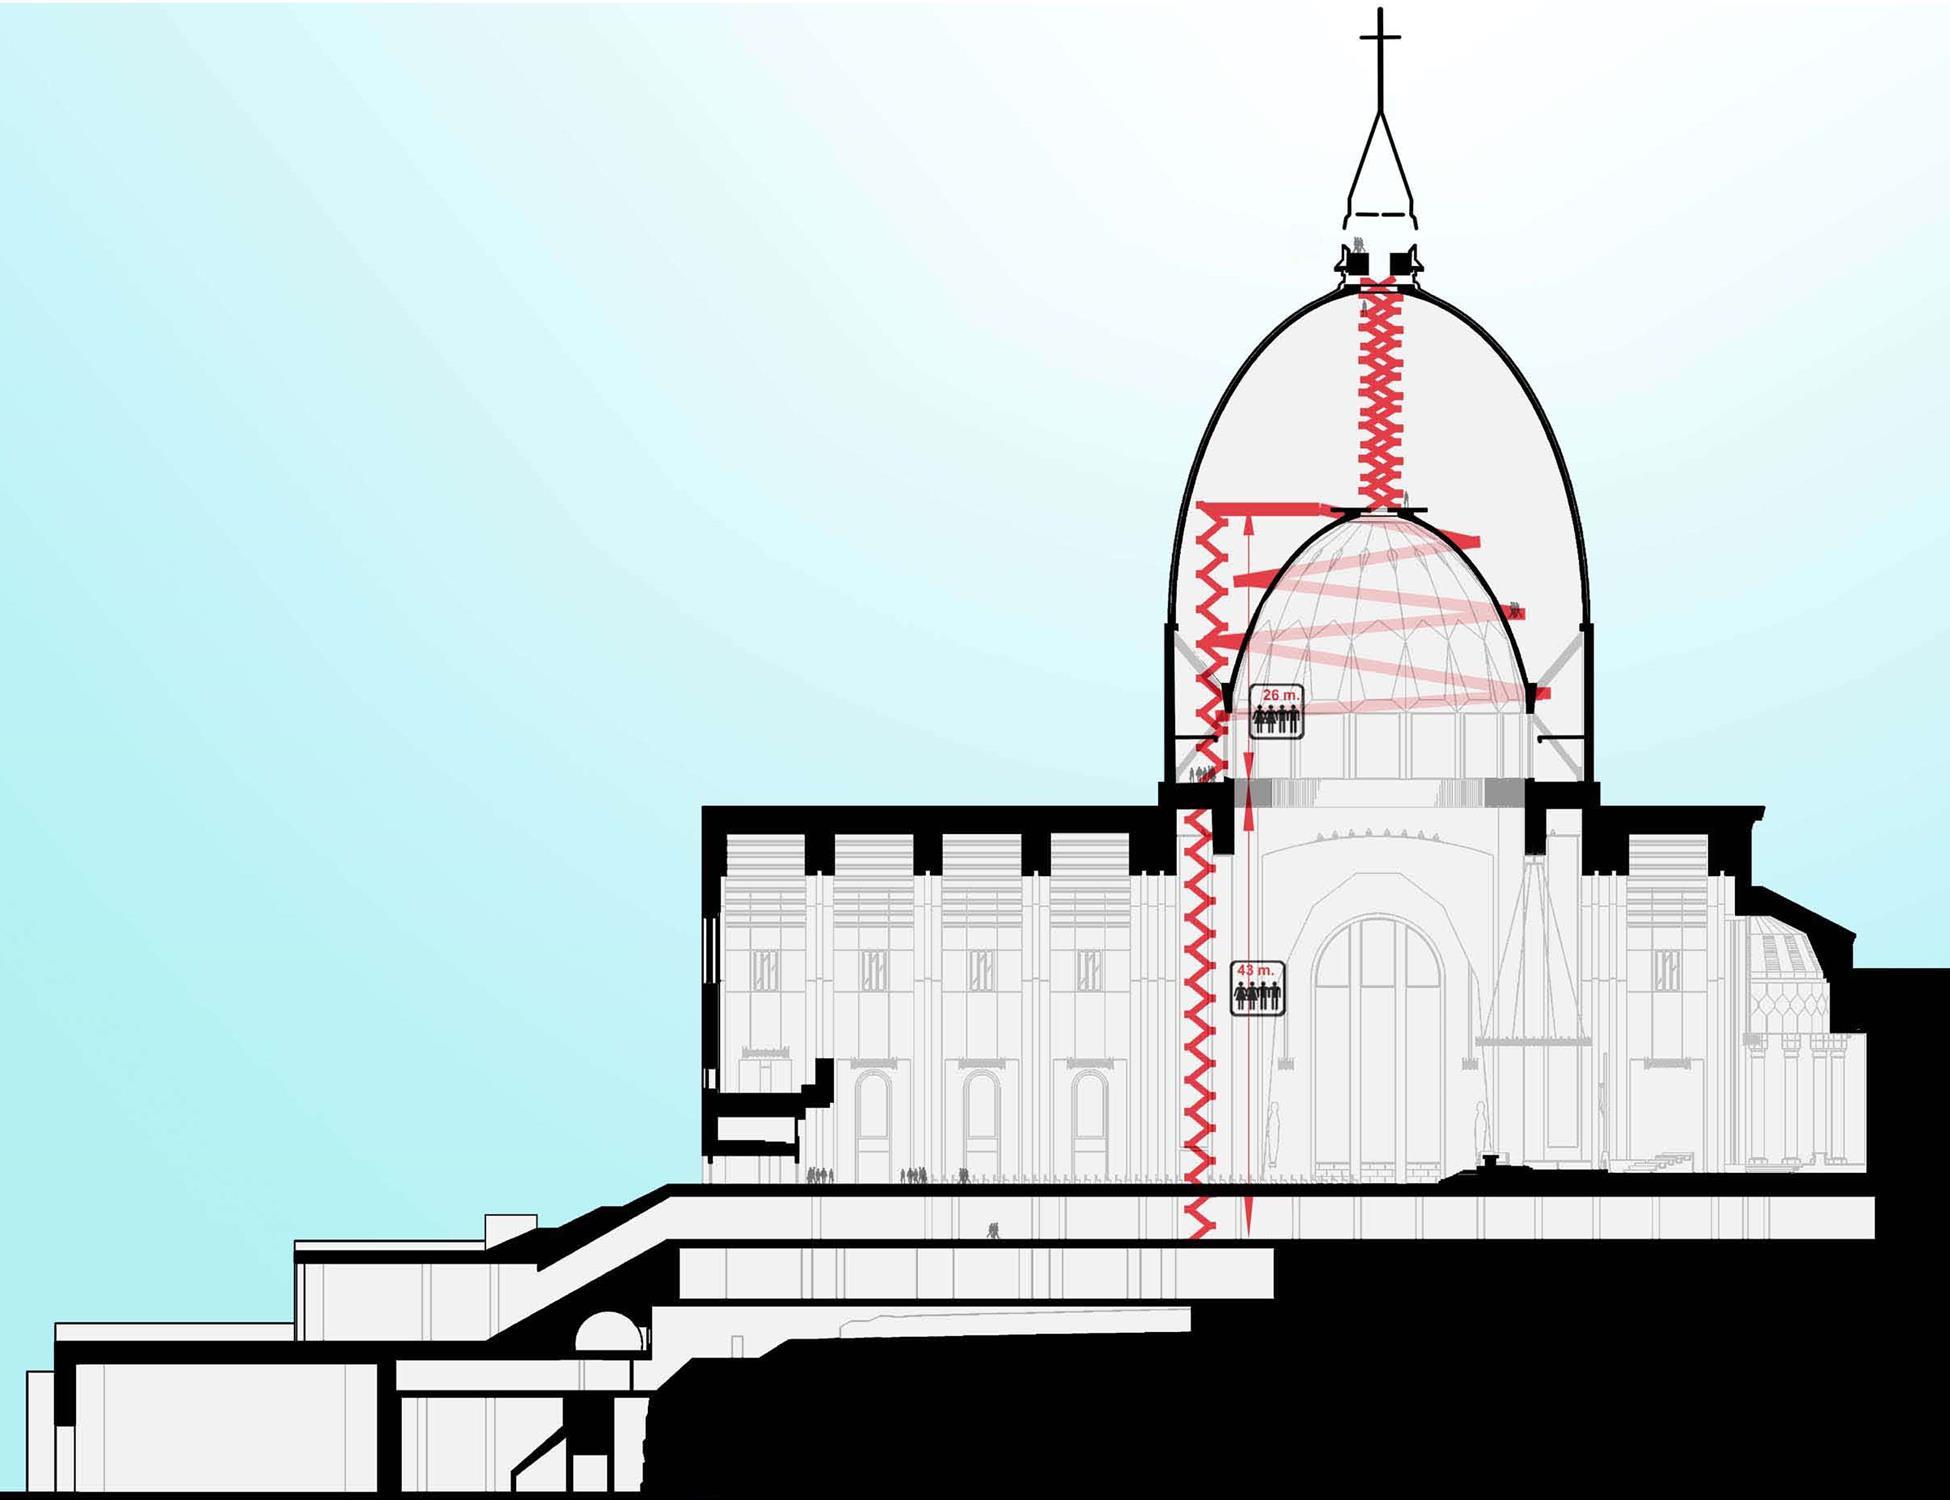 osj-lieudaccueil-notre-projet-coupetransversale